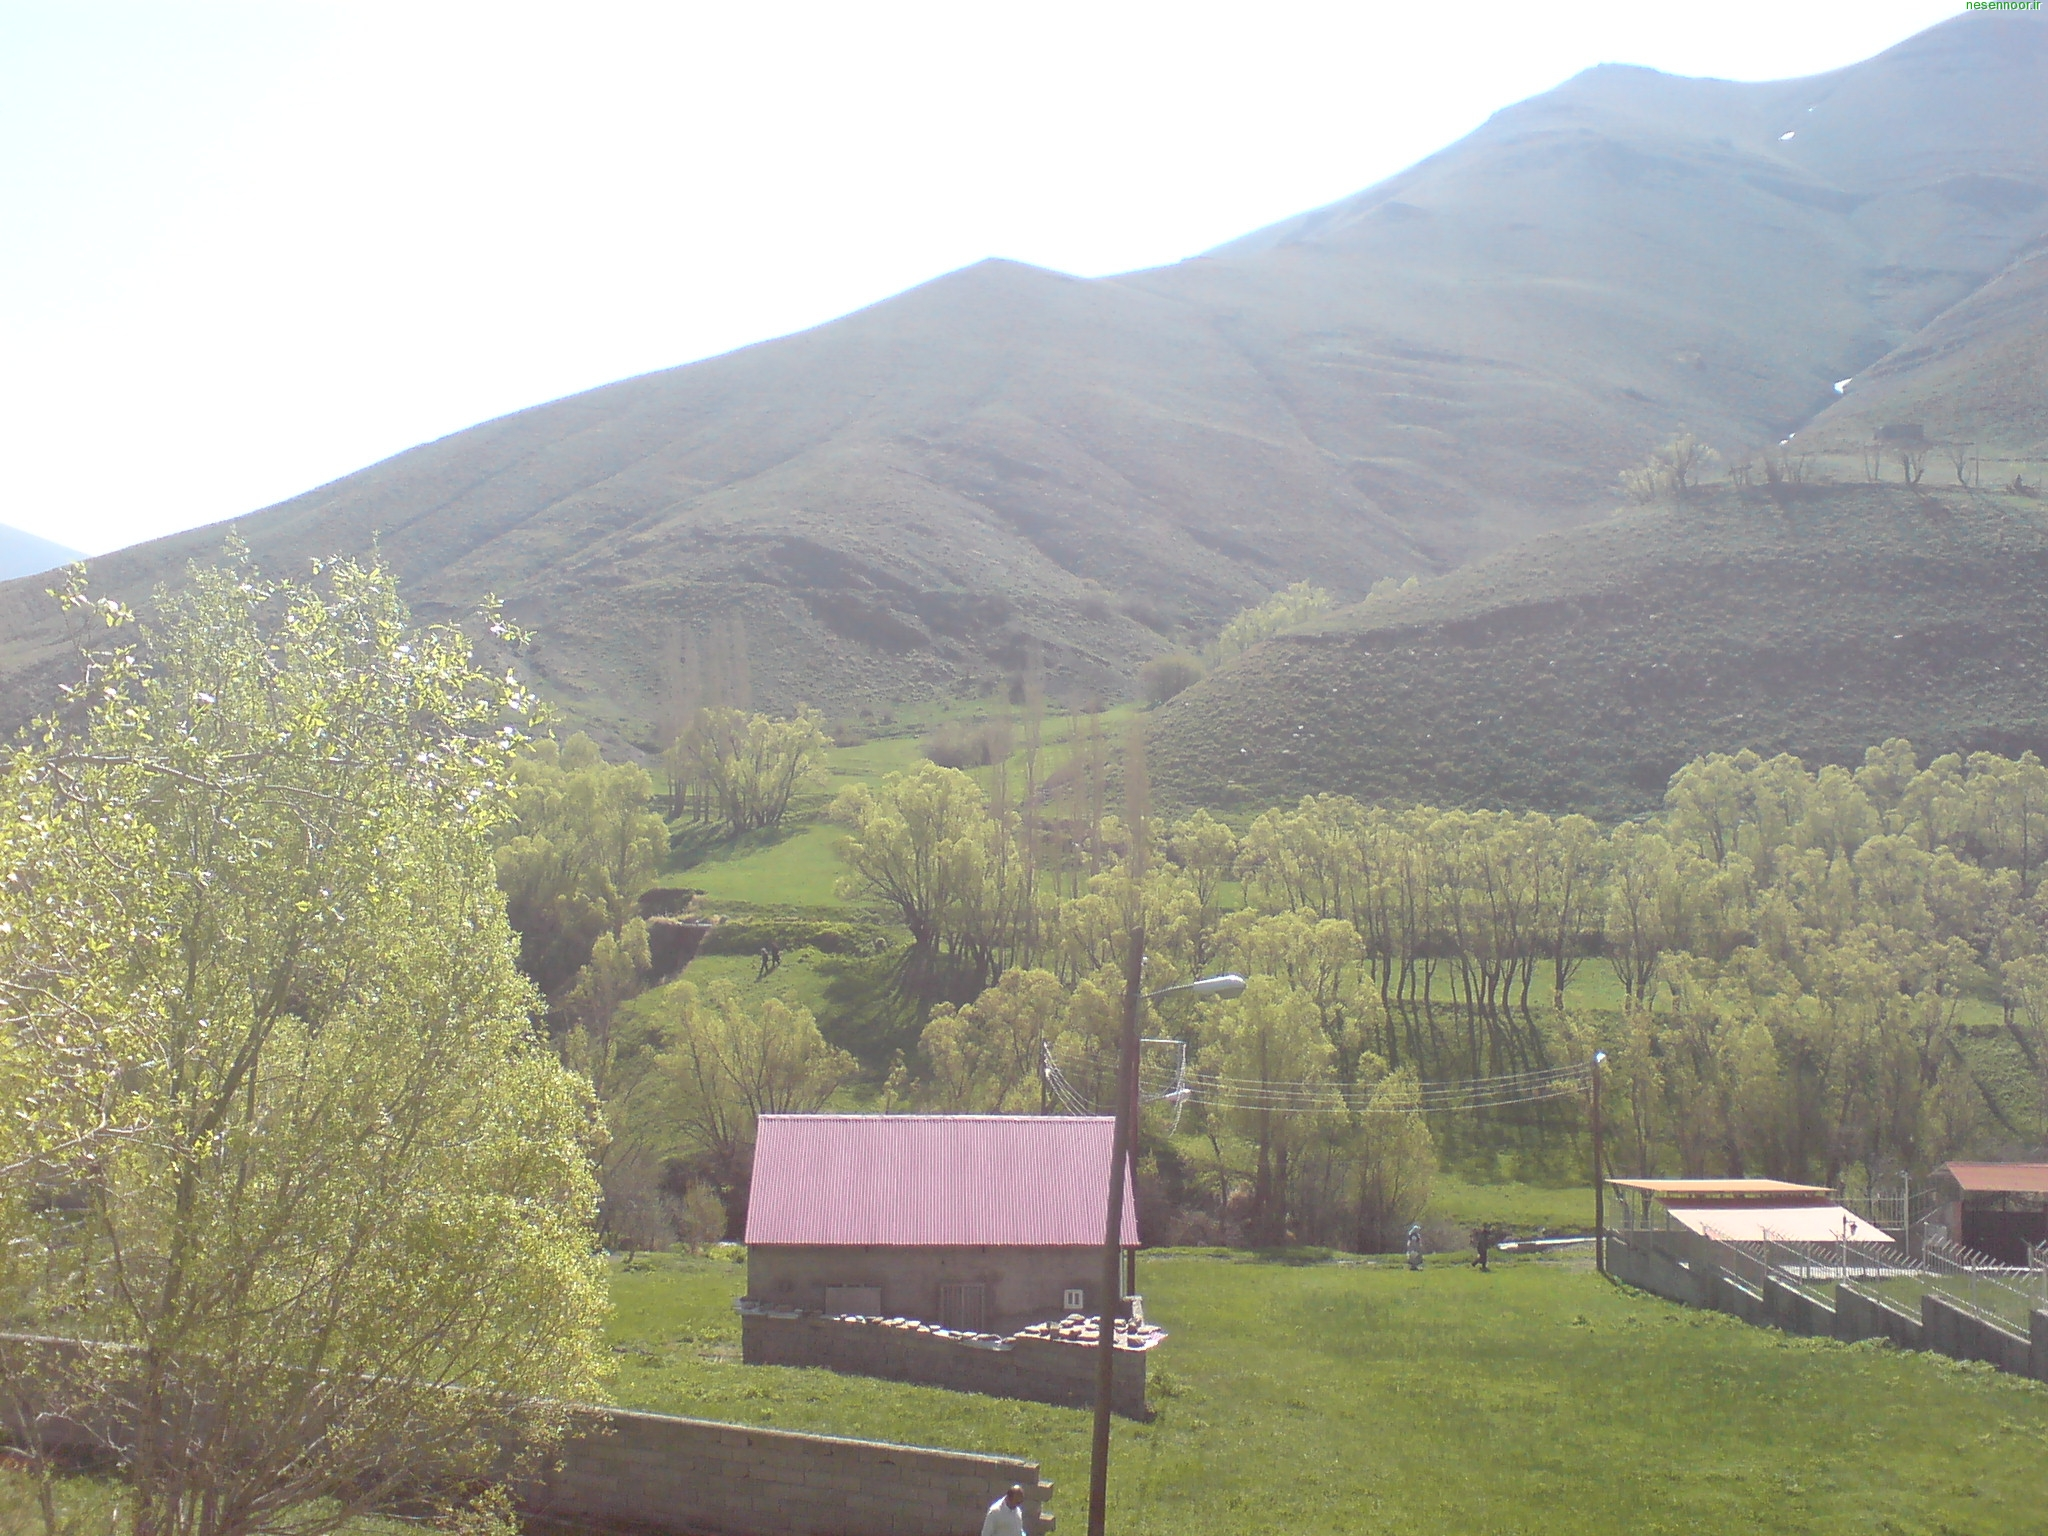 محل نوردن در فصل بهار